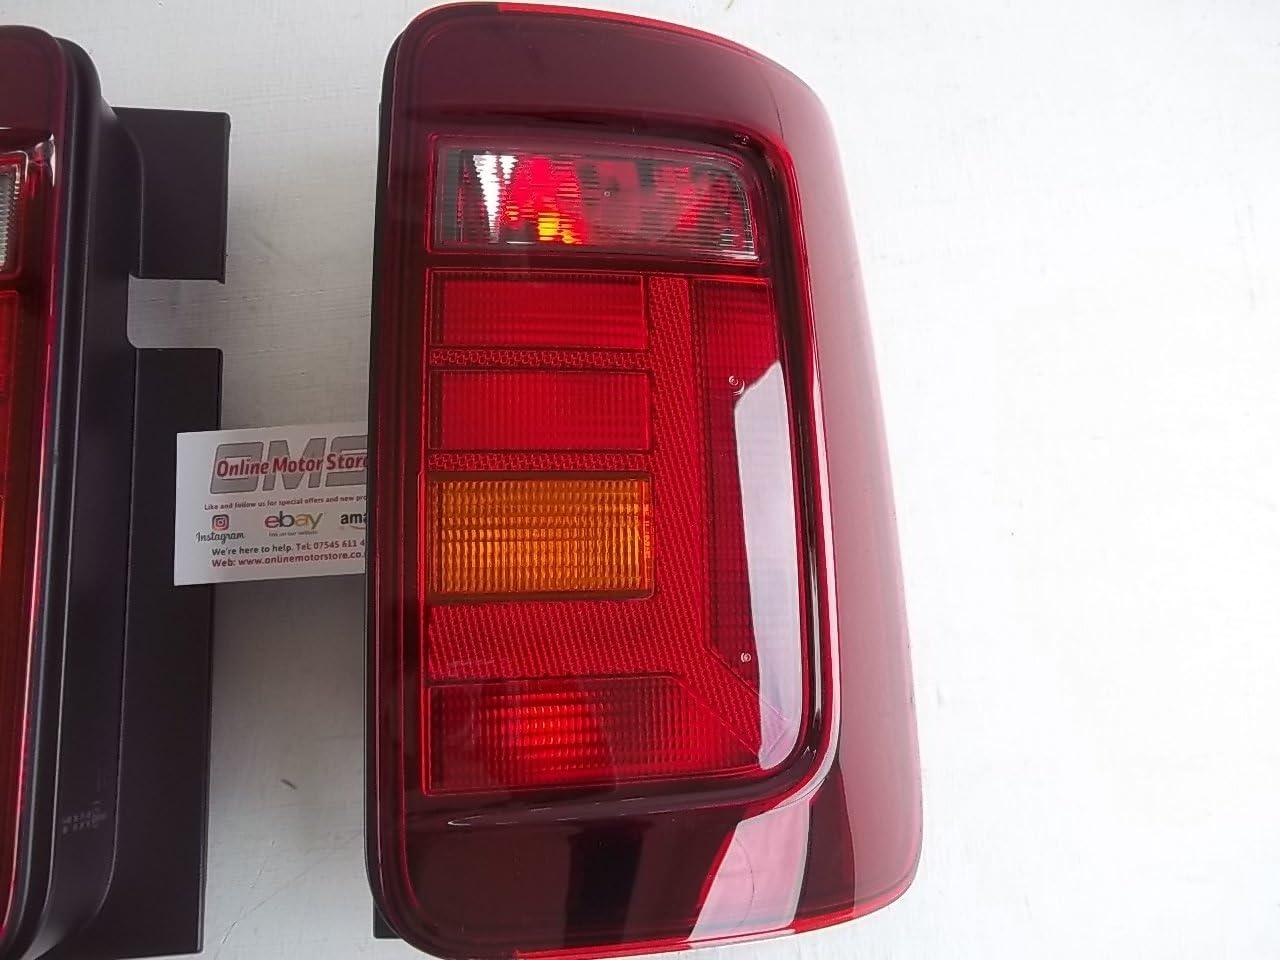 Bloc feu arri/ère pour VW Caddy 2015 verre fum/é teint/é /double porte arri/ère/